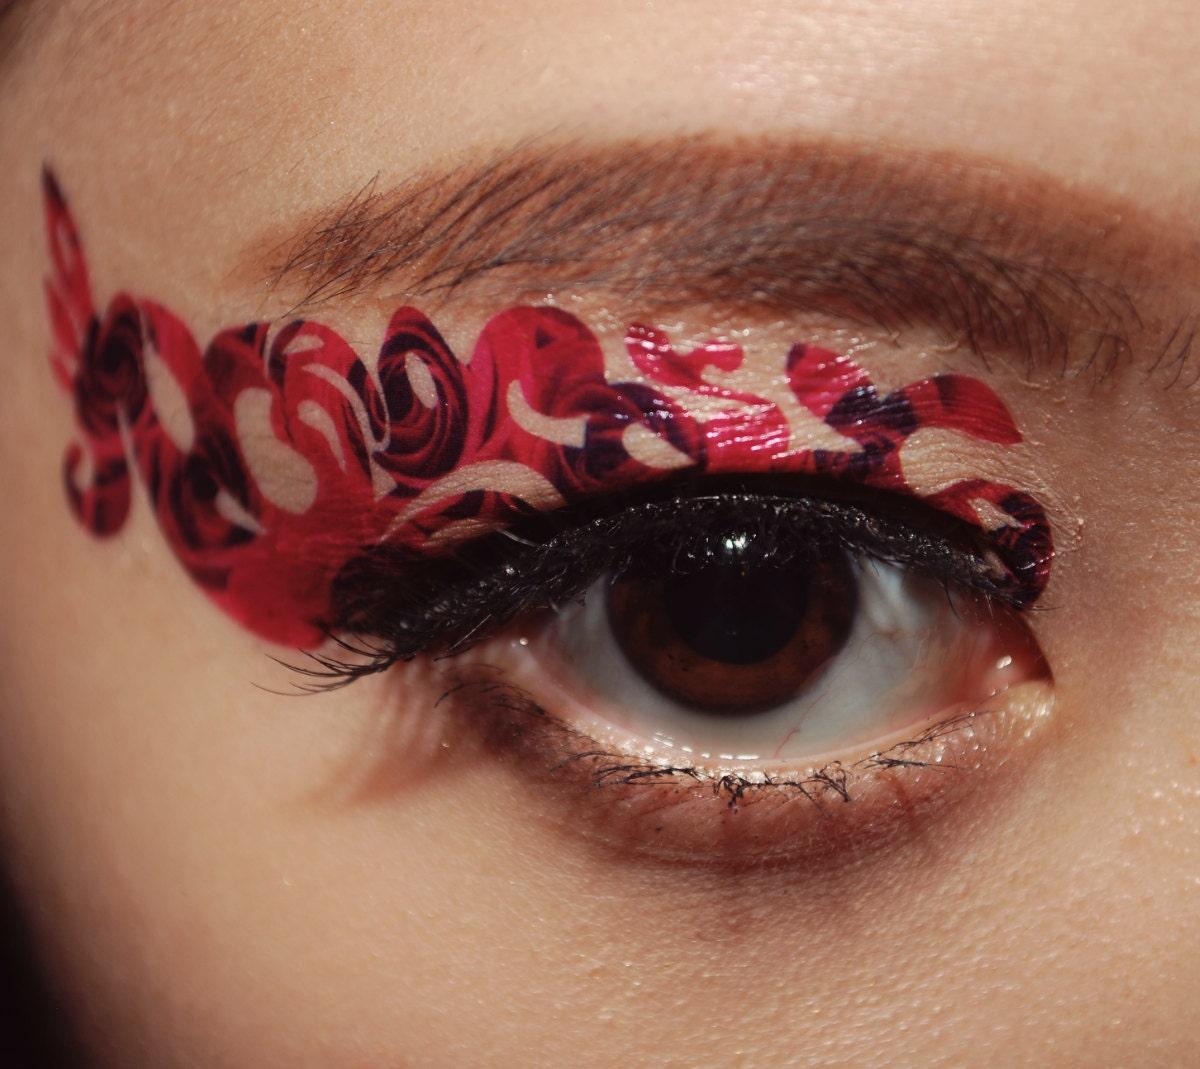 Eye makeup tattoos